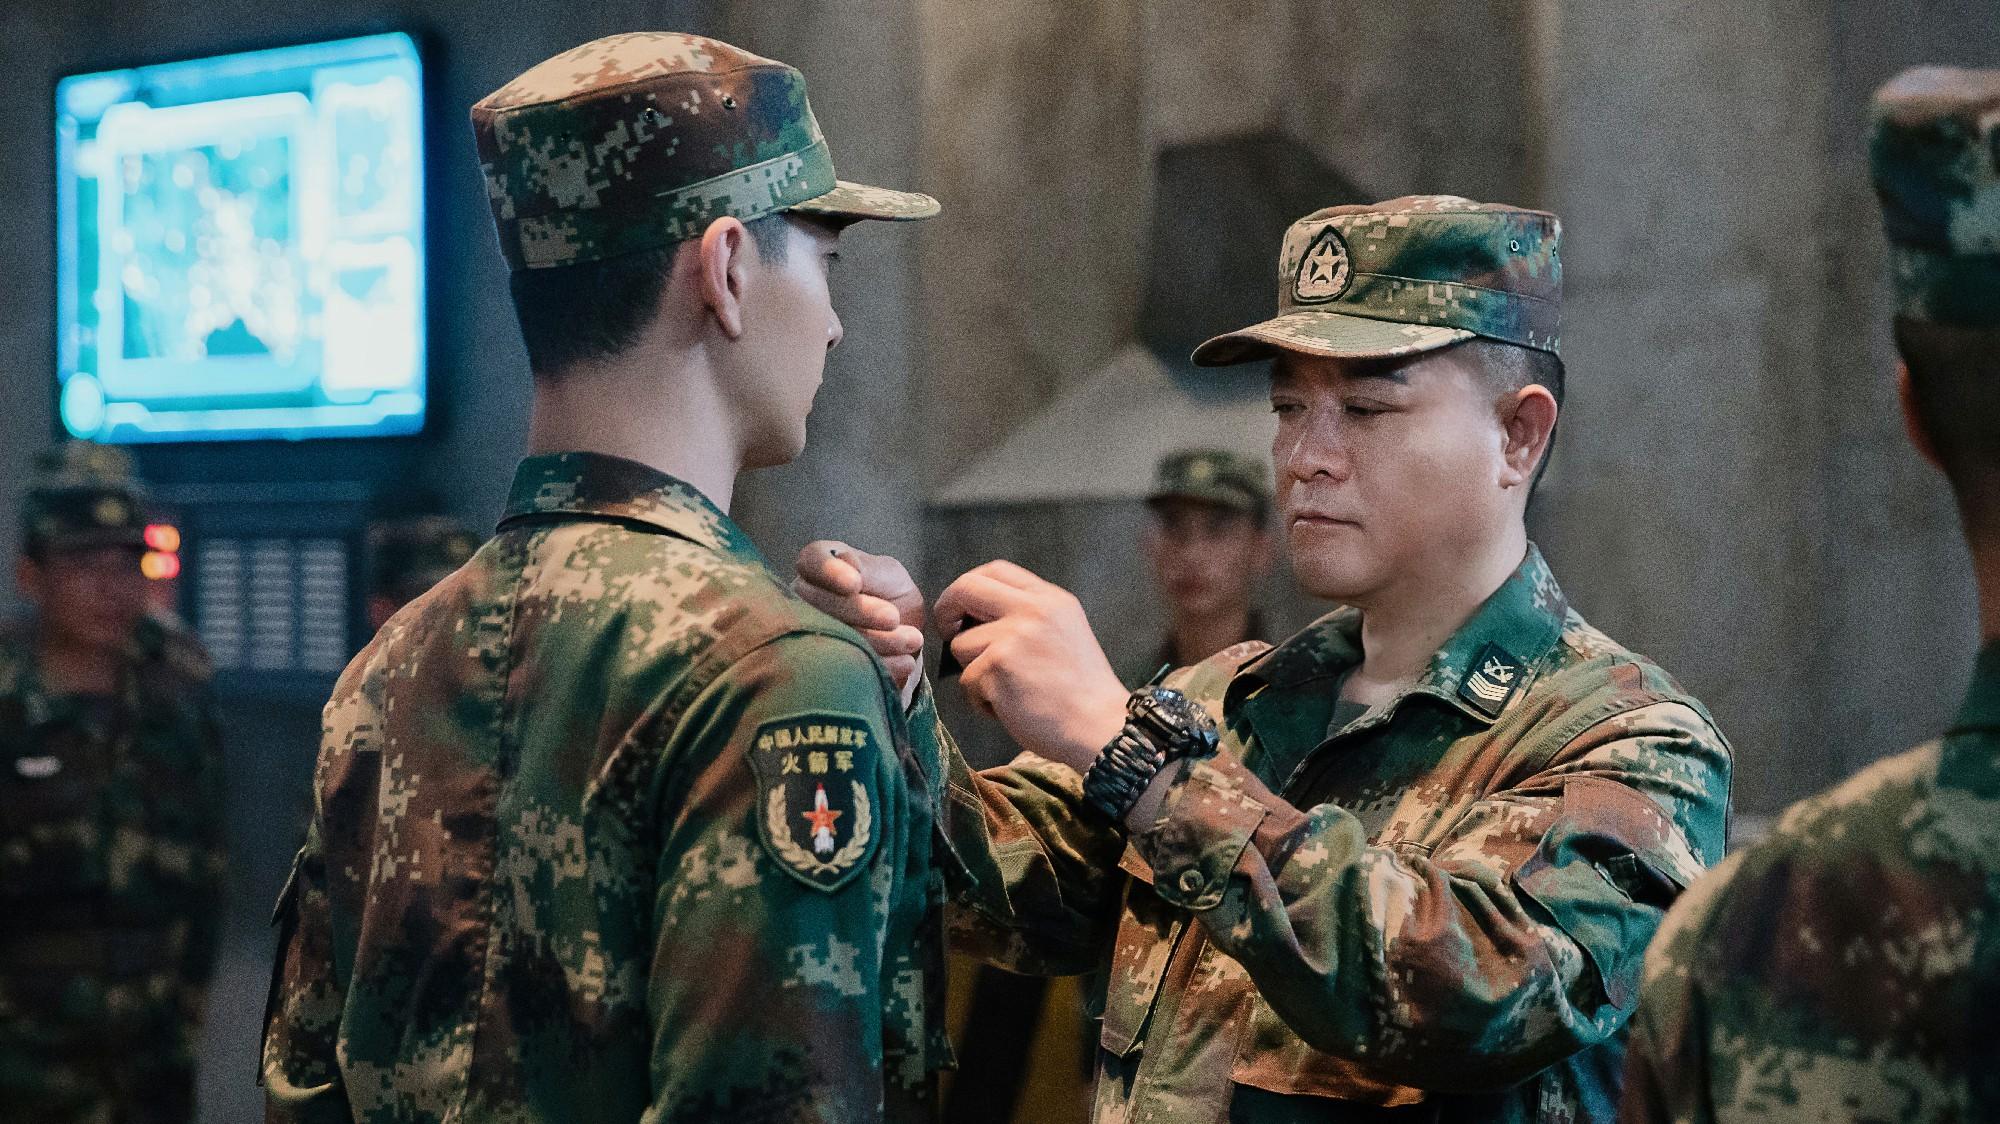 姜彤《号手就位》正在热播 陈浩峰角色丰满展现火箭军精神